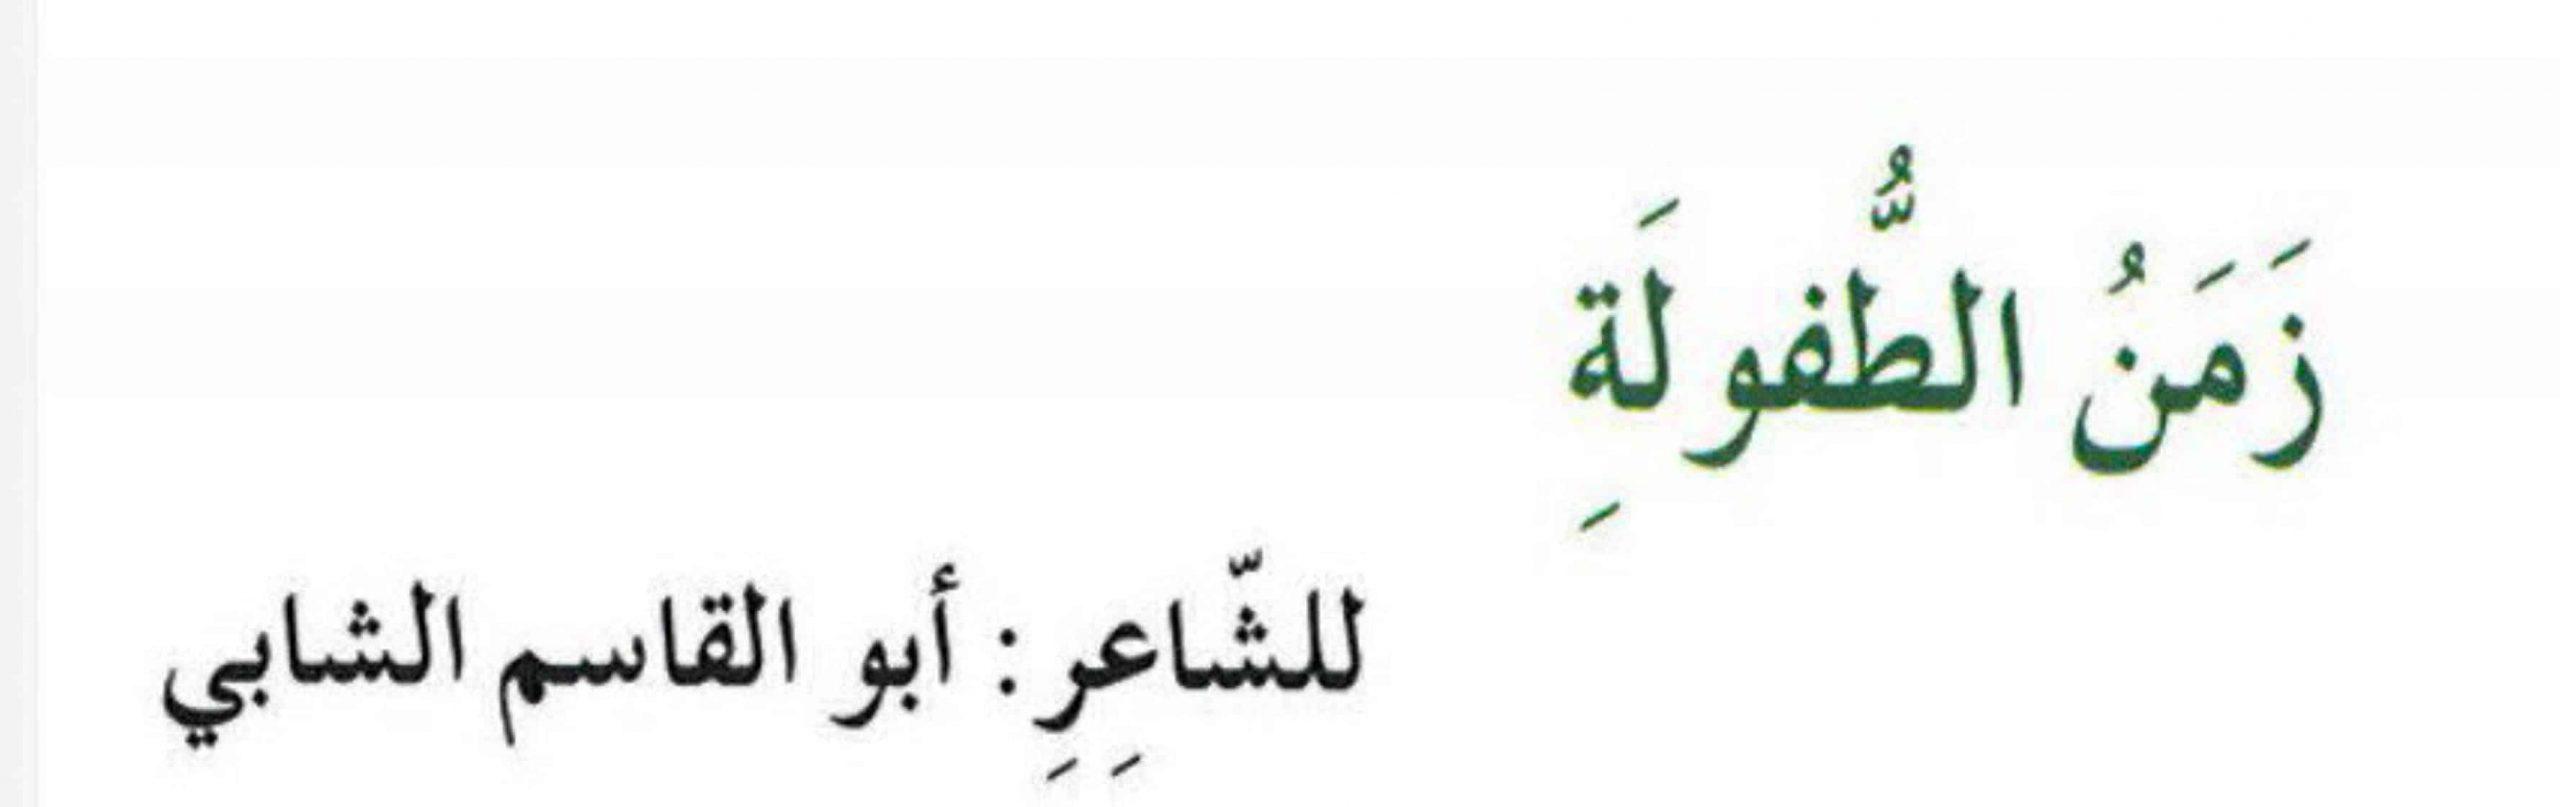 حل درس نشيد زمن الطفولة الفصل الدراسي الثاني الصف الثالث مادة اللغة العربية